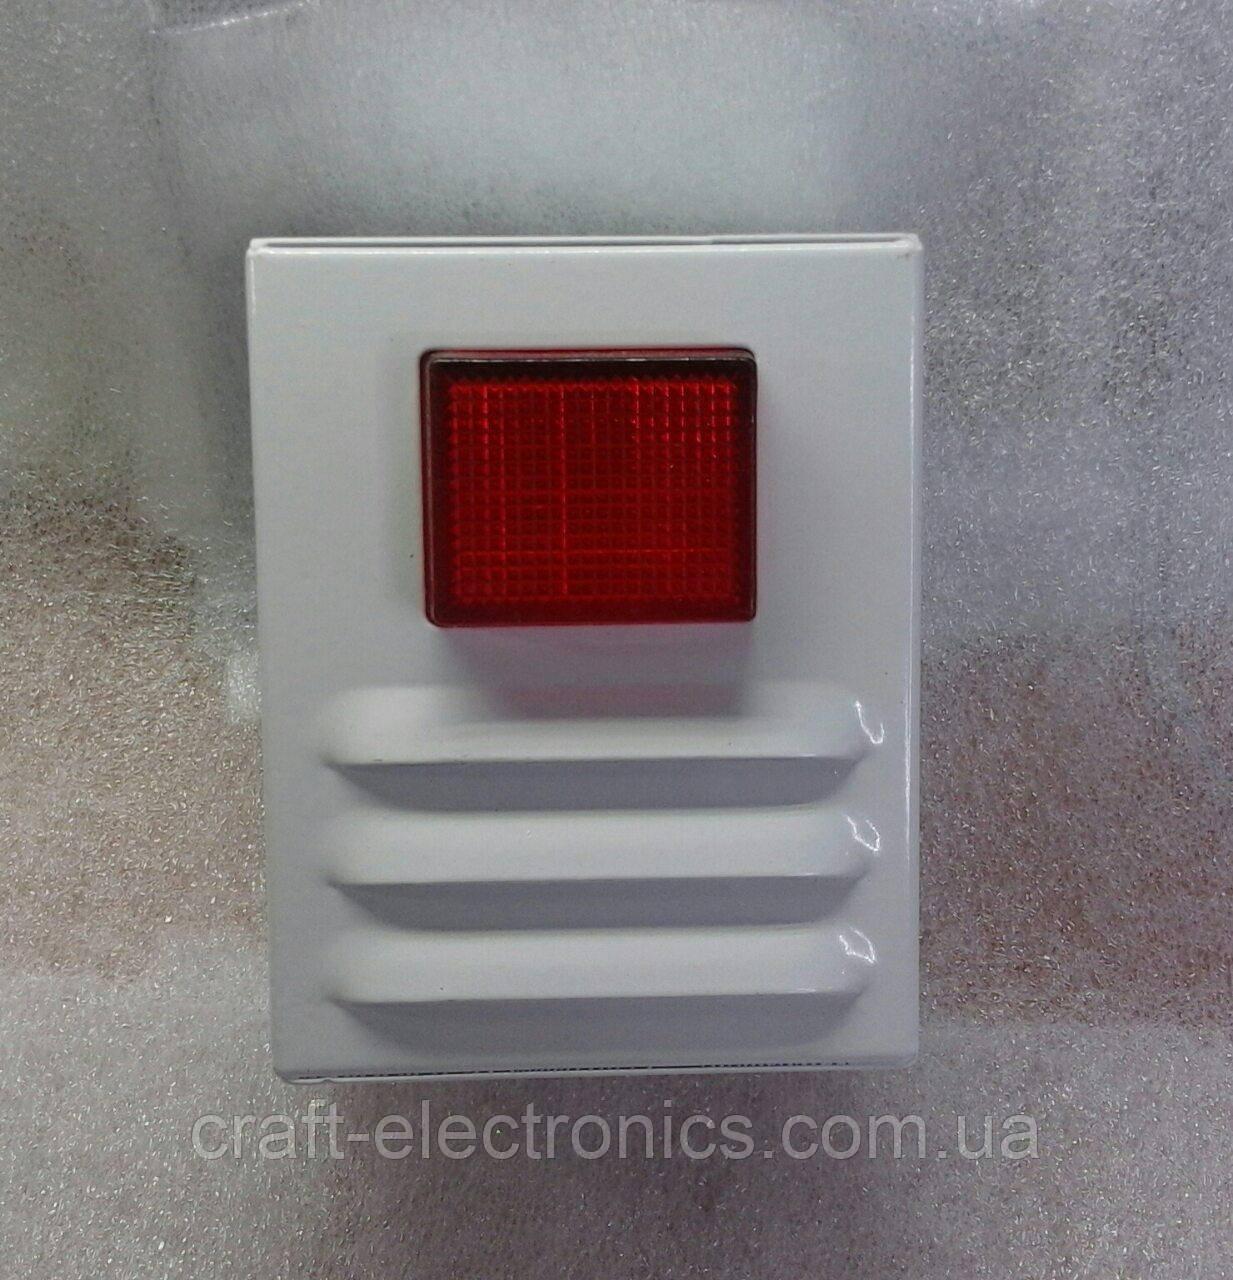 Сирена свето-звуковая (оповещатель) ОСЗ-5 (120дБ)